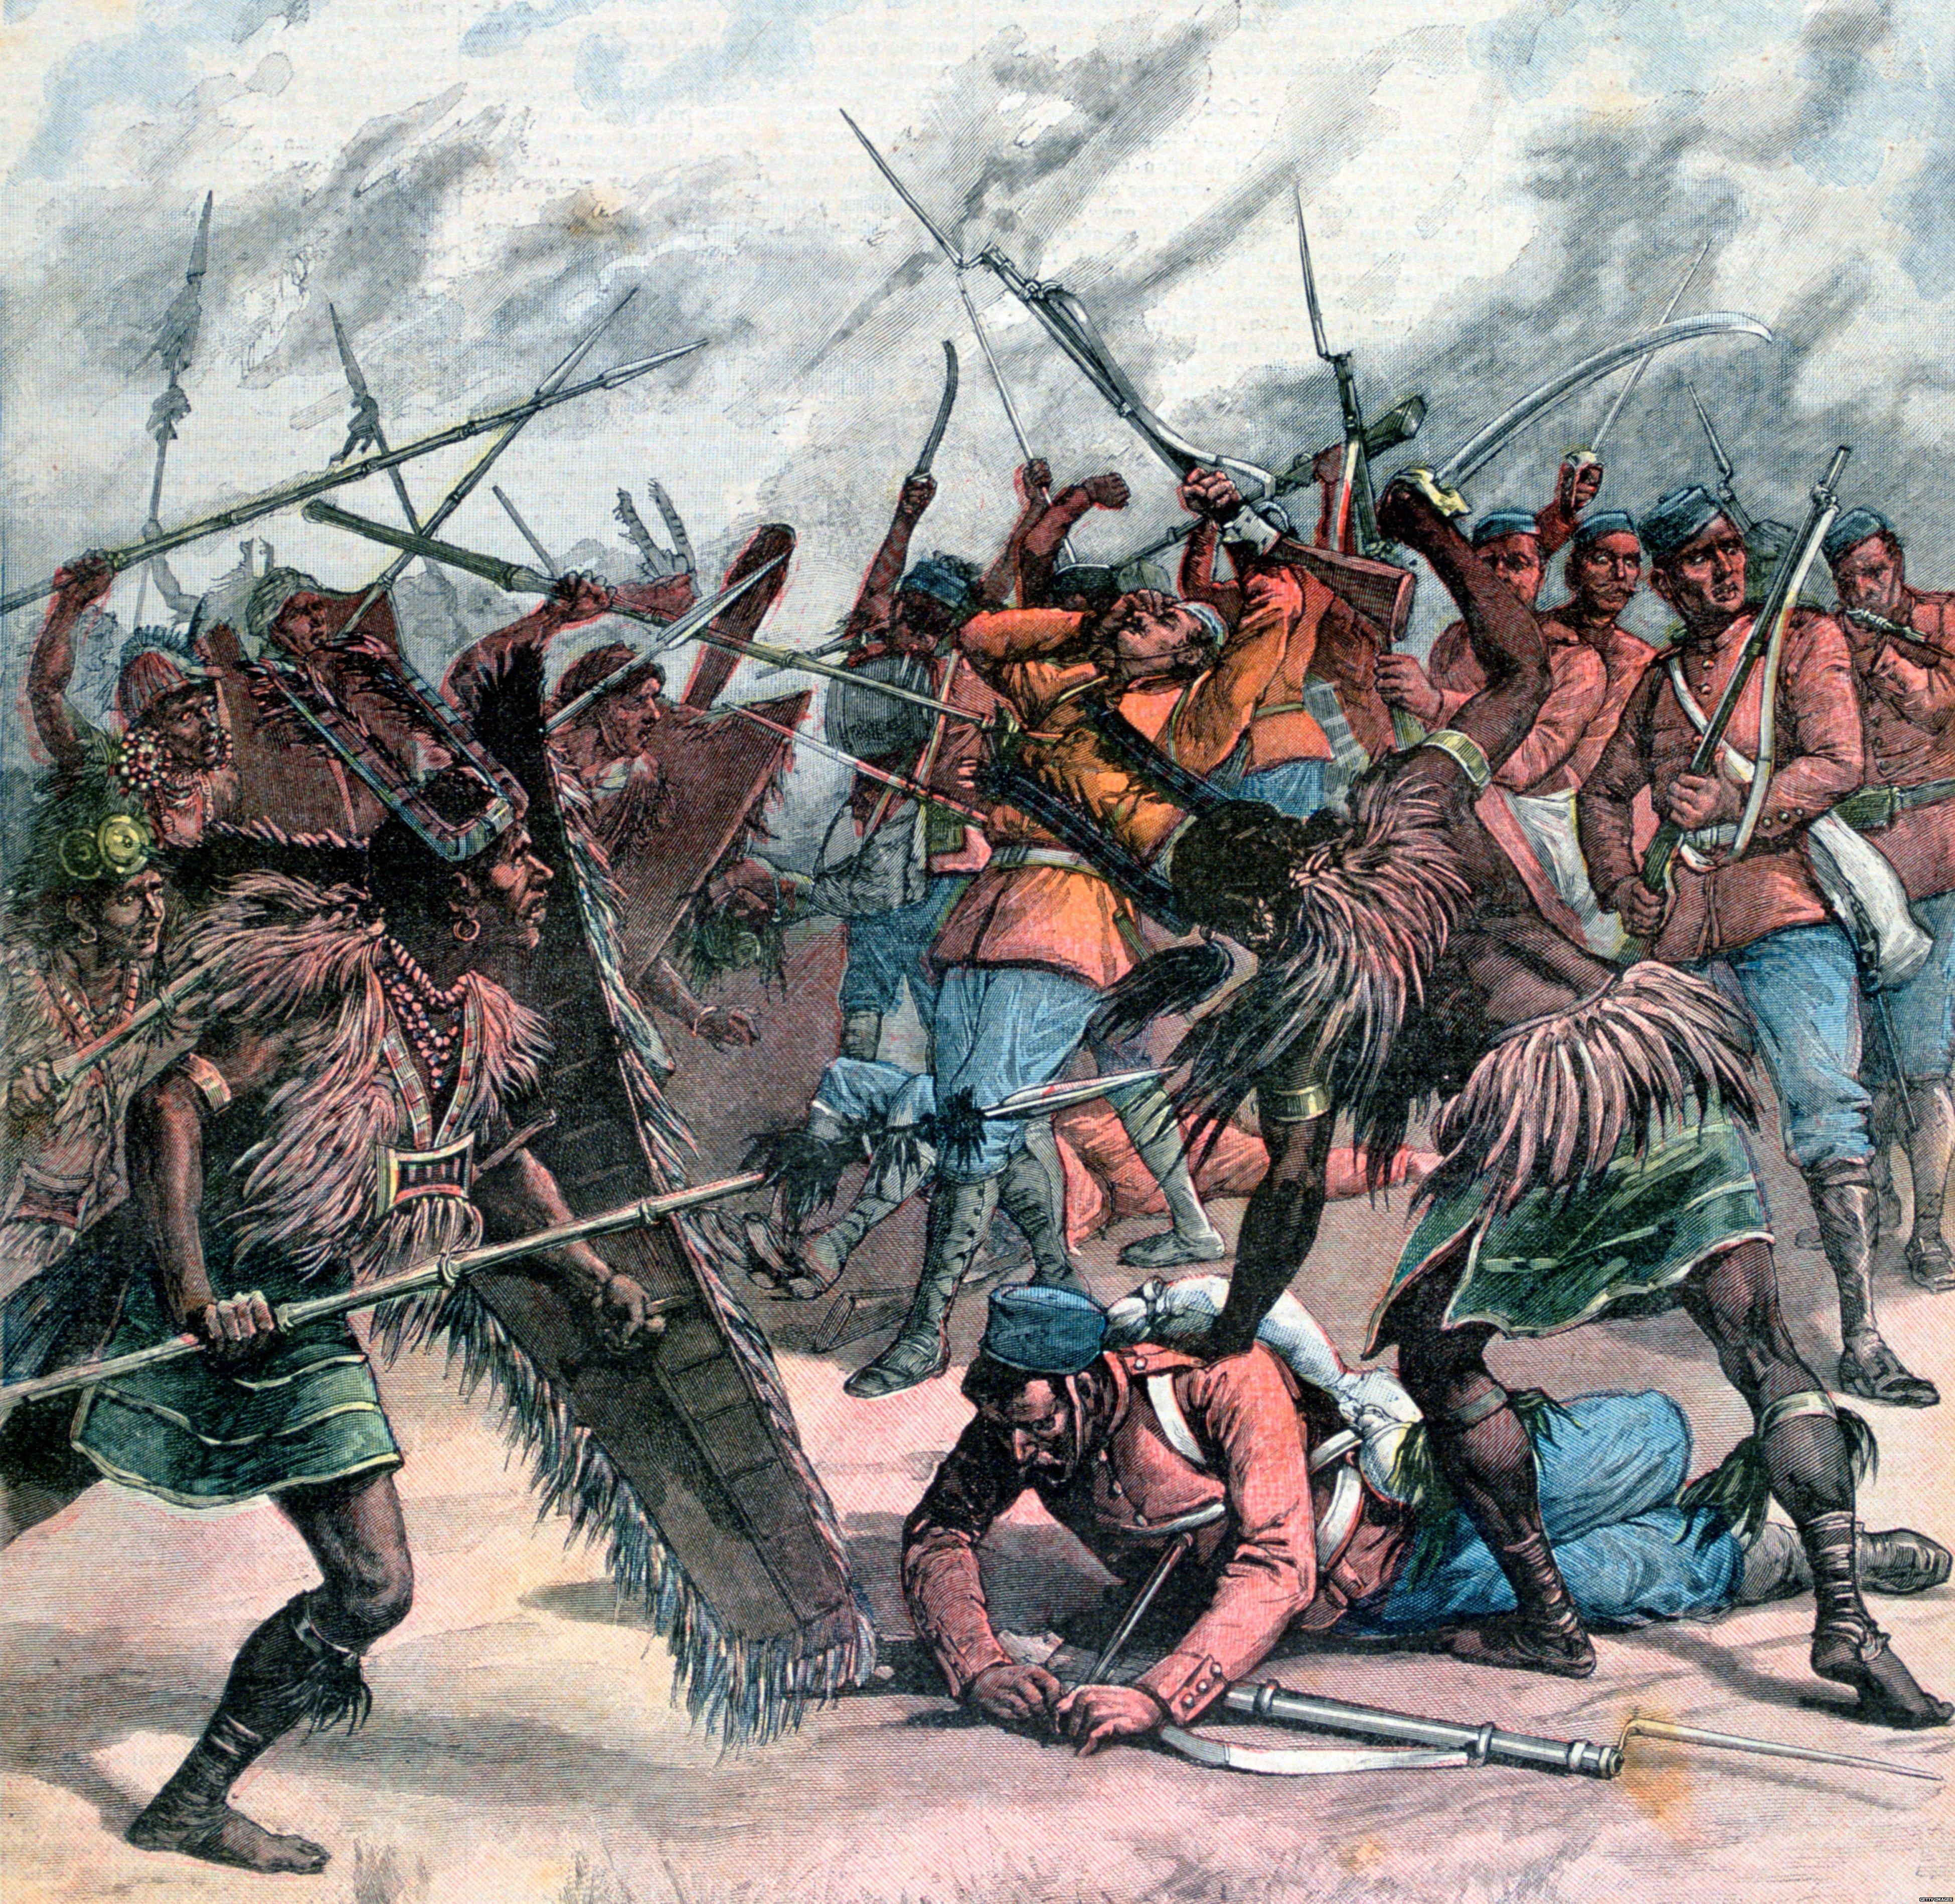 साल 1891 में मणिपुर में हुए विद्रोह का चित्र